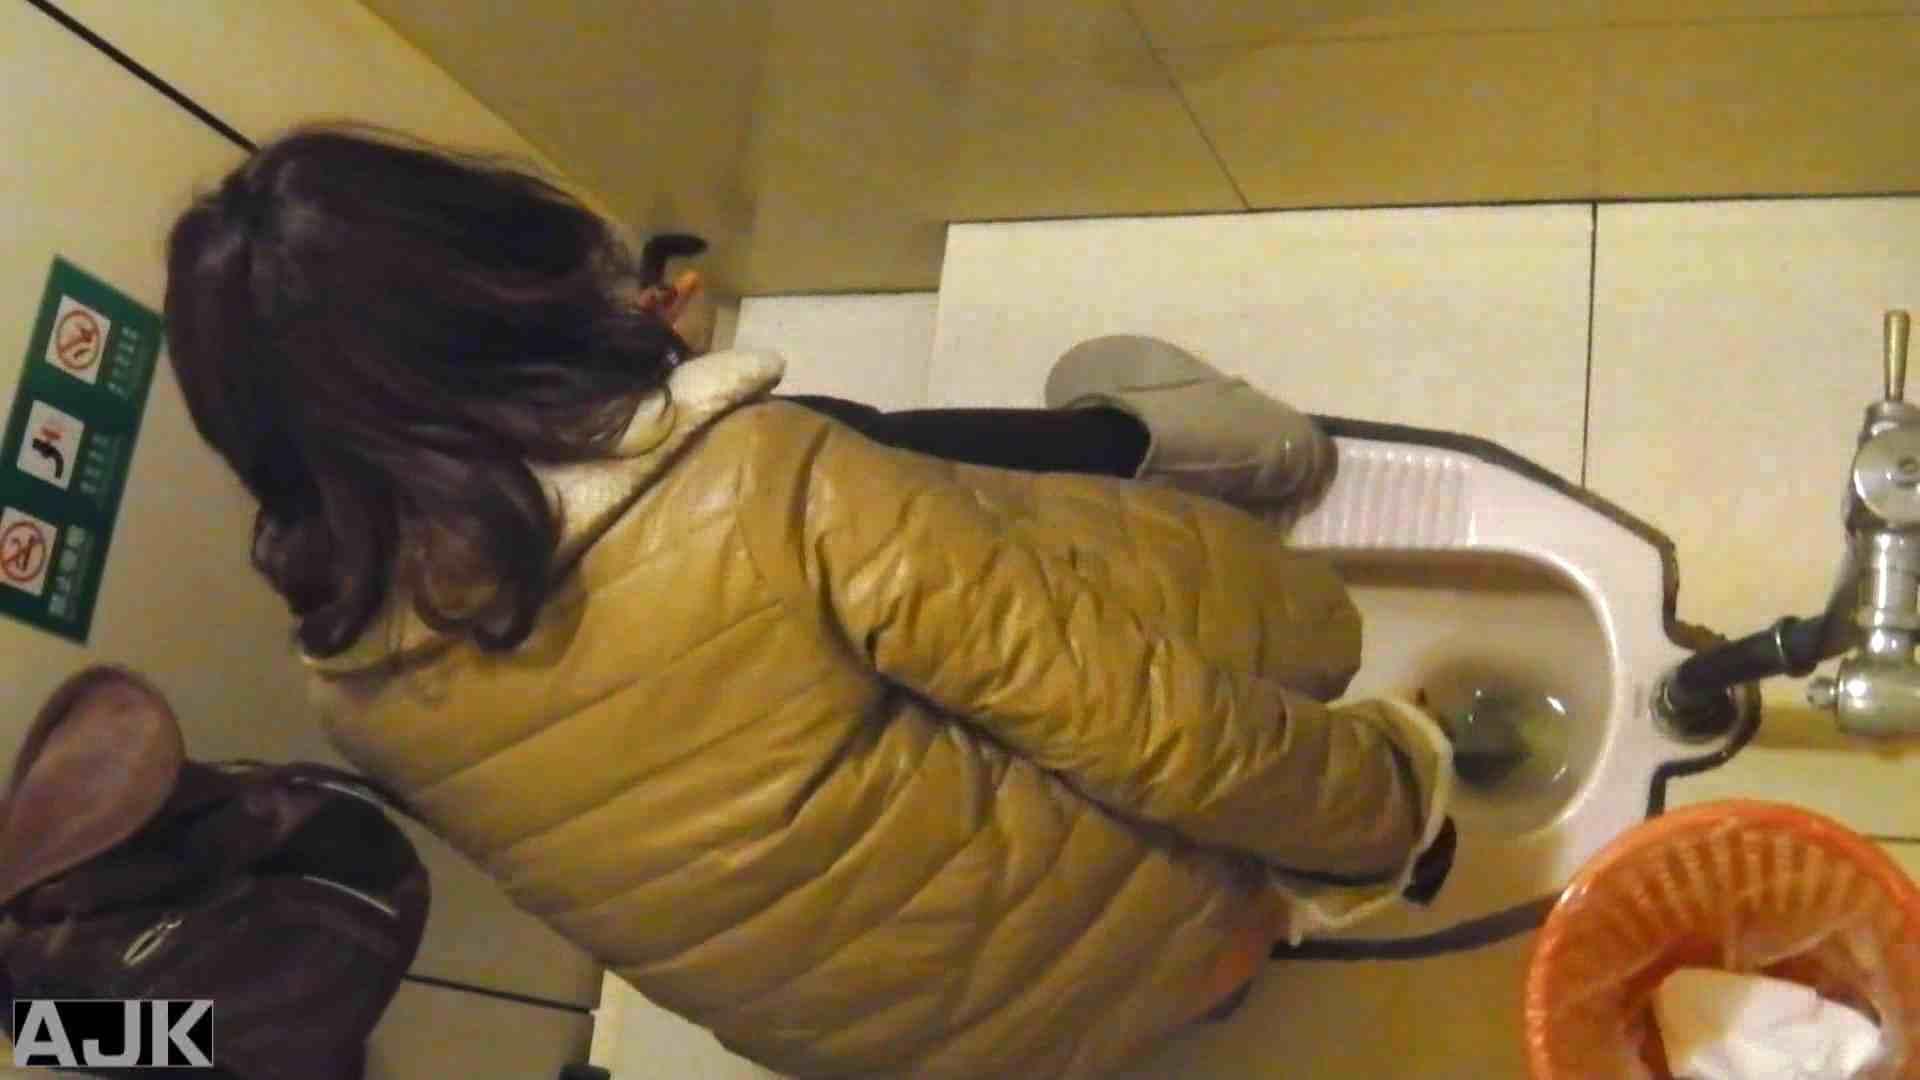 神降臨!史上最強の潜入かわや! vol.02 マンコ・ムレムレ ヌード画像 103pic 53